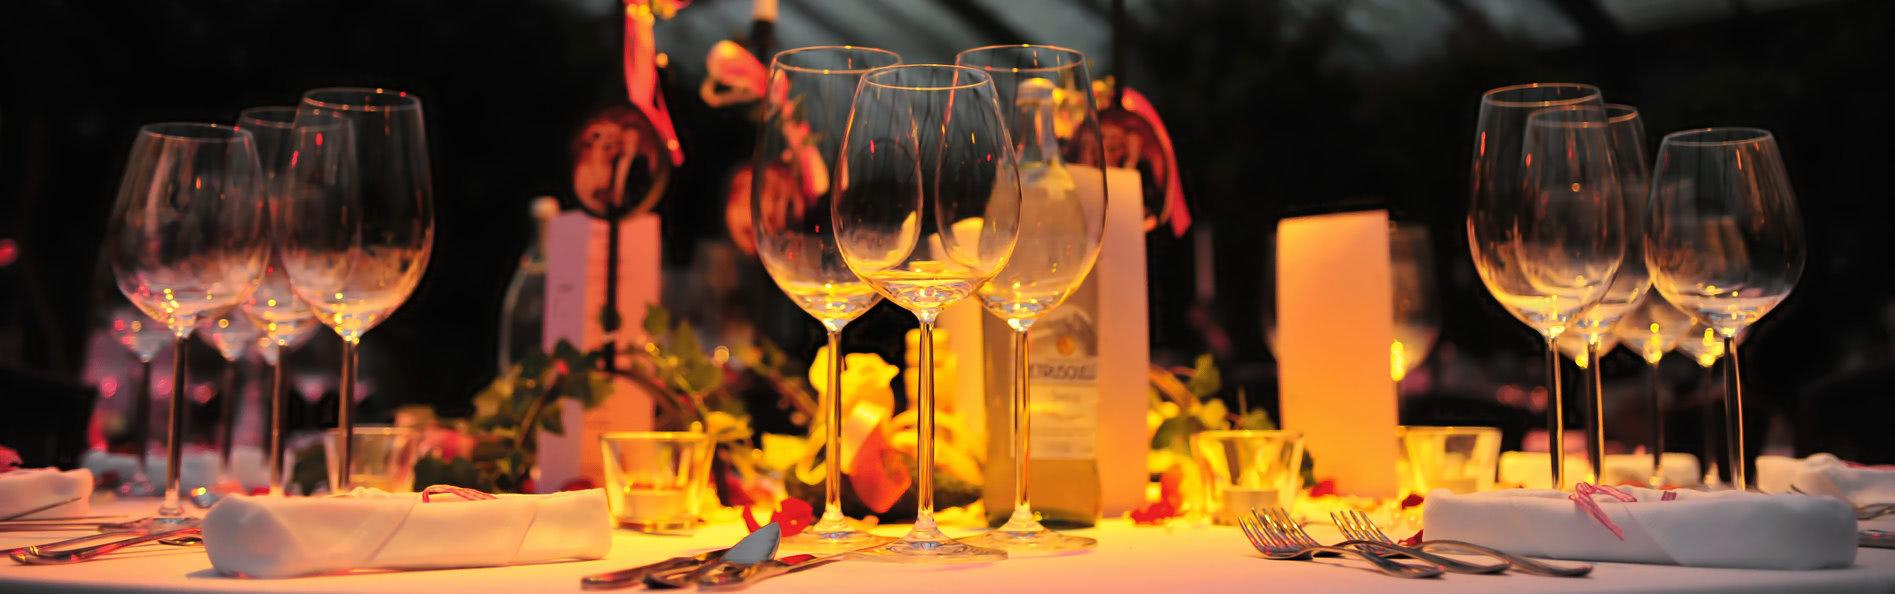 Stimmungsvoll gedeckter Tisch - Unikorn Catering München